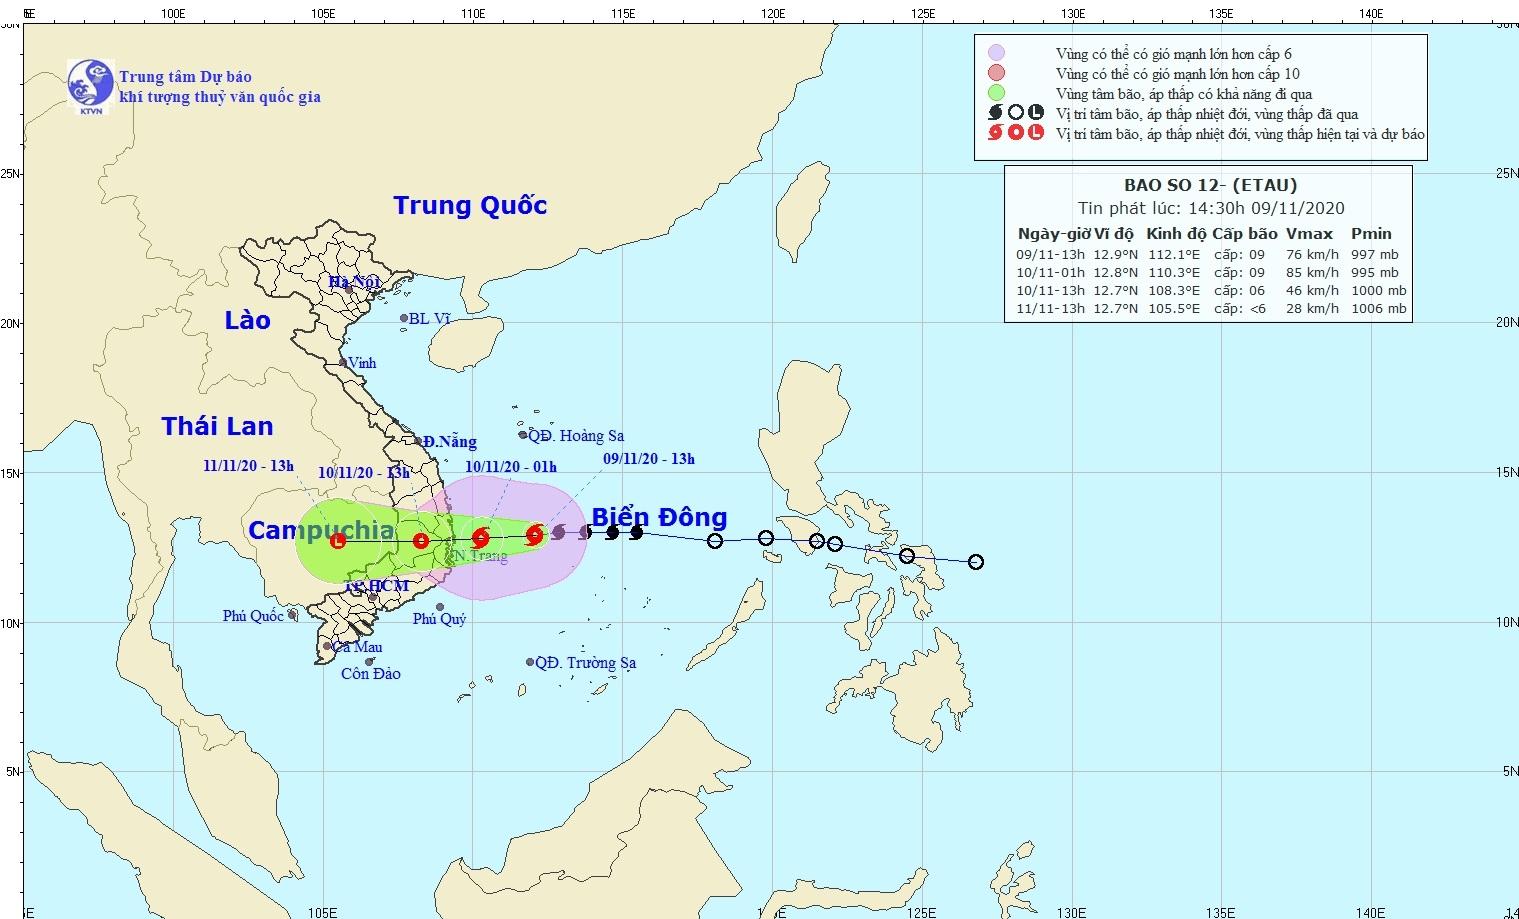 Bão số 12 giật cấp 11, tiếp tục mạnh thêm trước khi đổ bộ Bình Định - Ninh Thuận